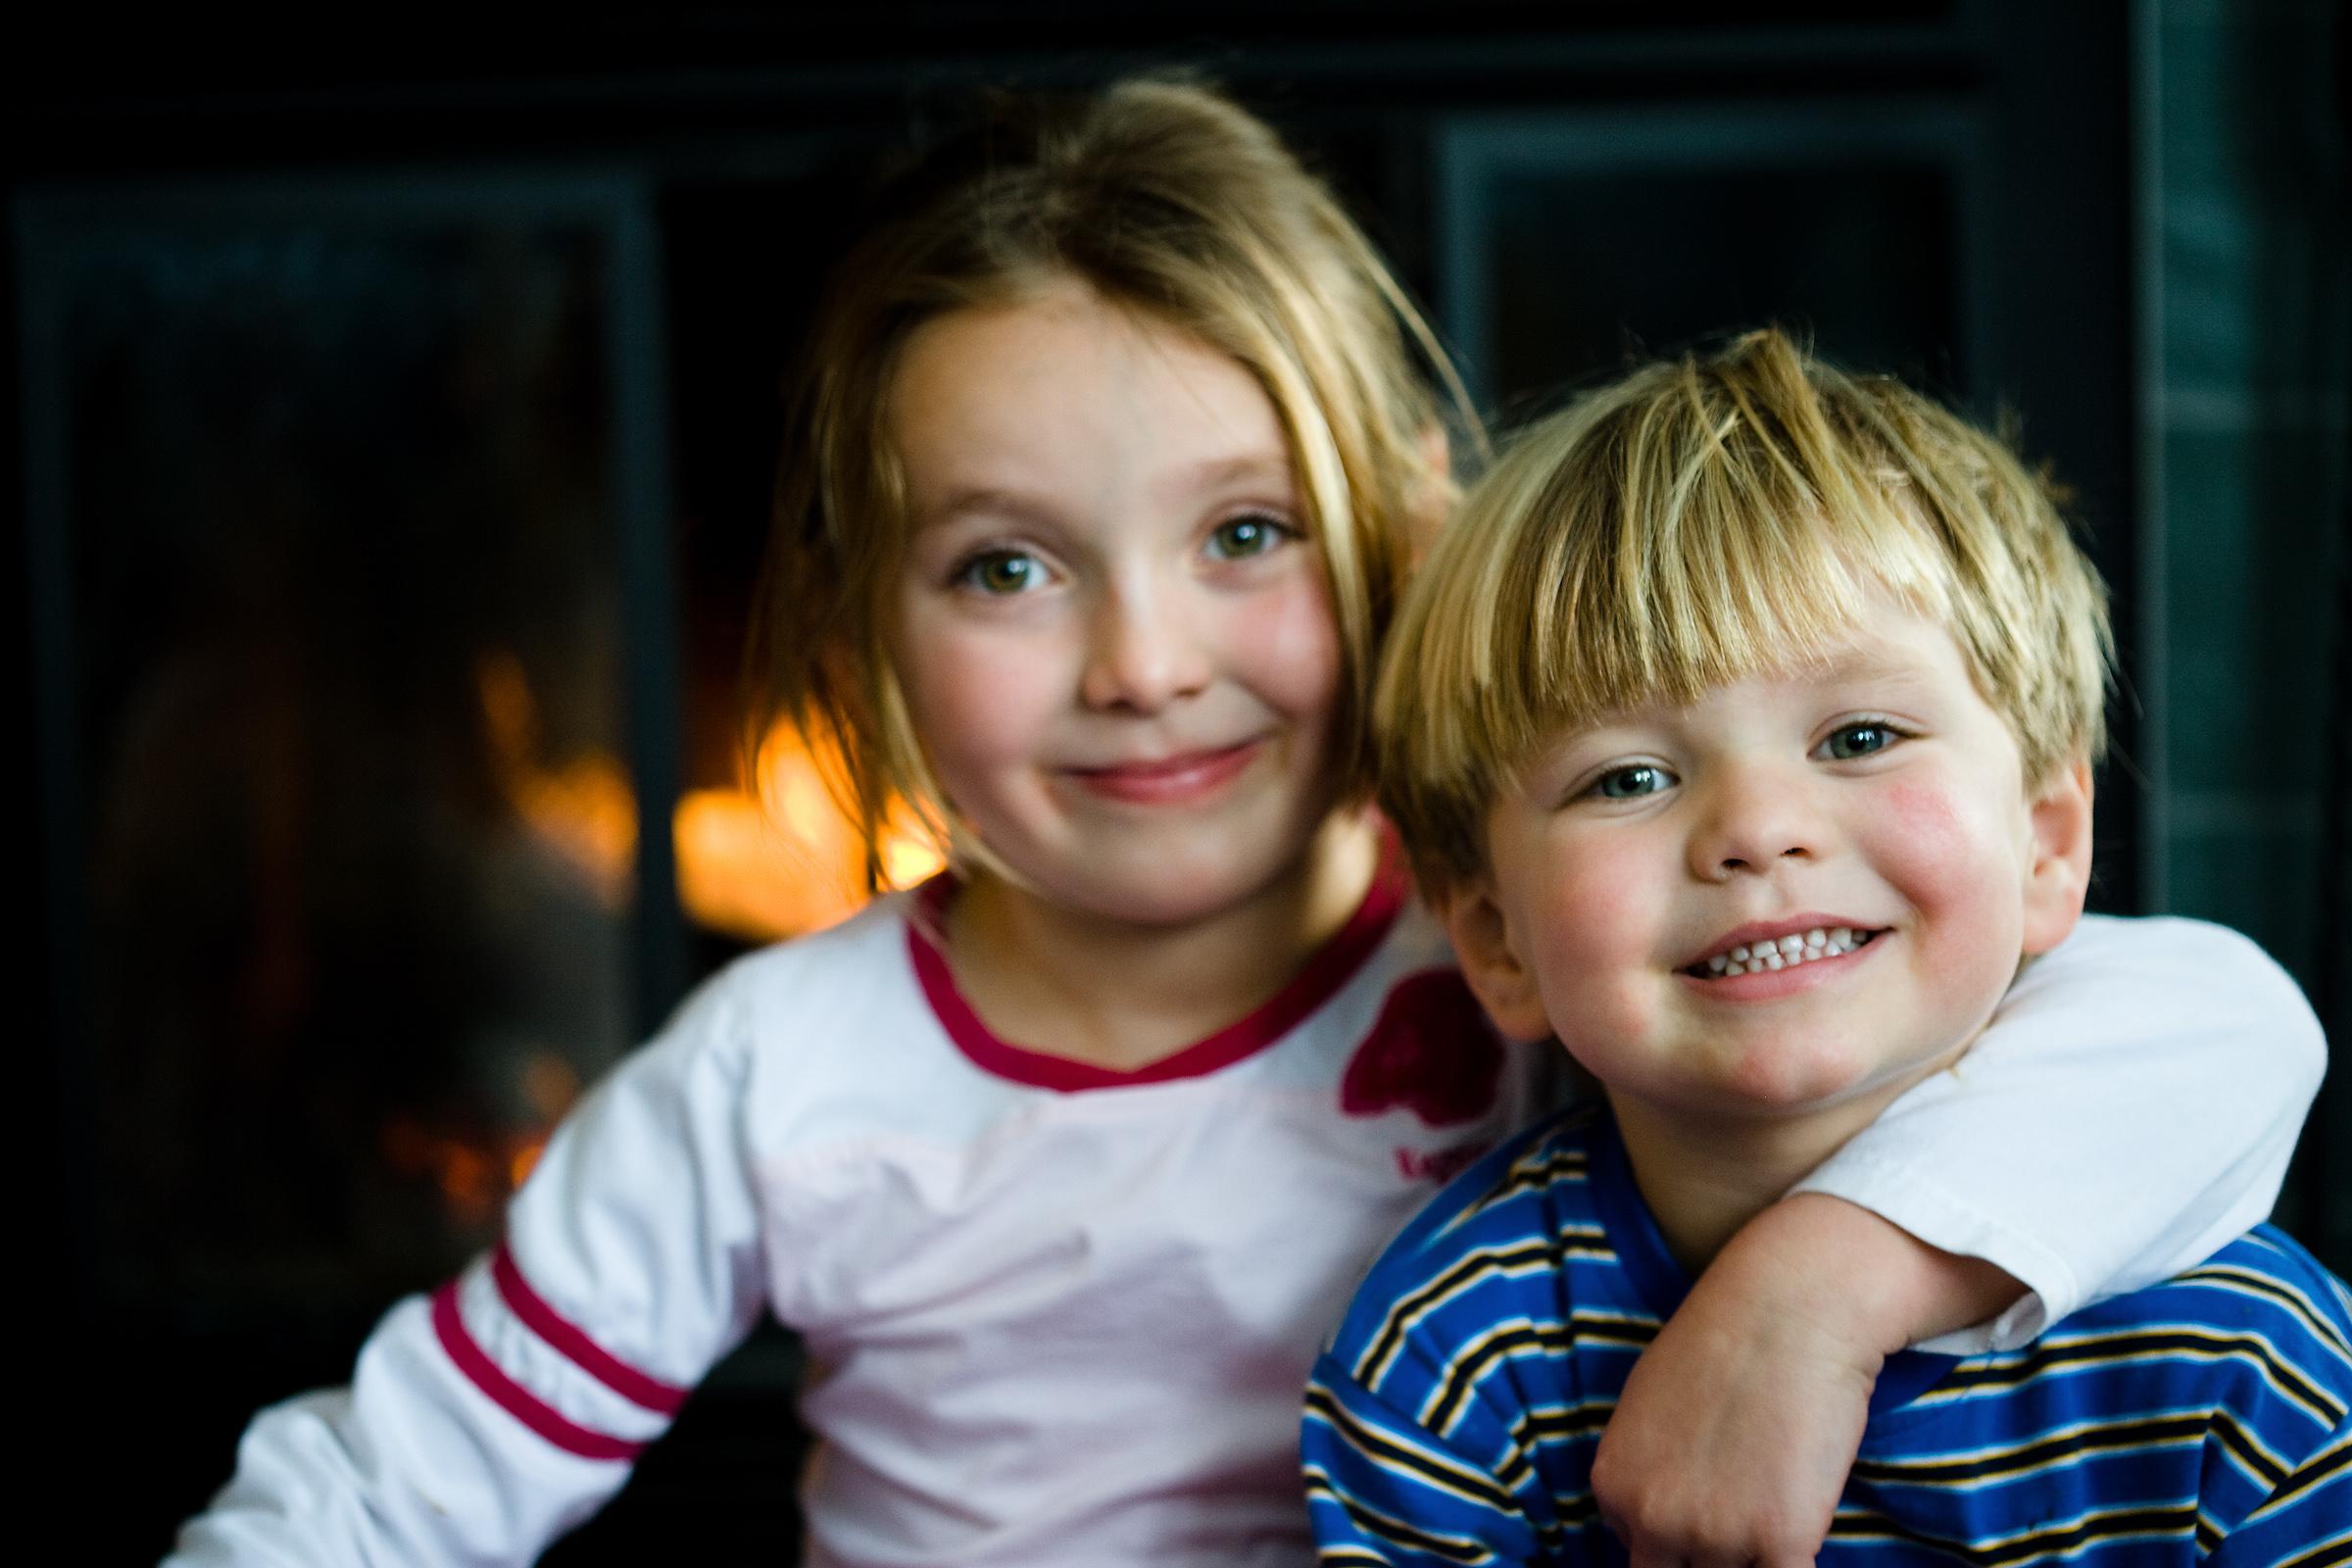 Photo credit: Clipart.com.